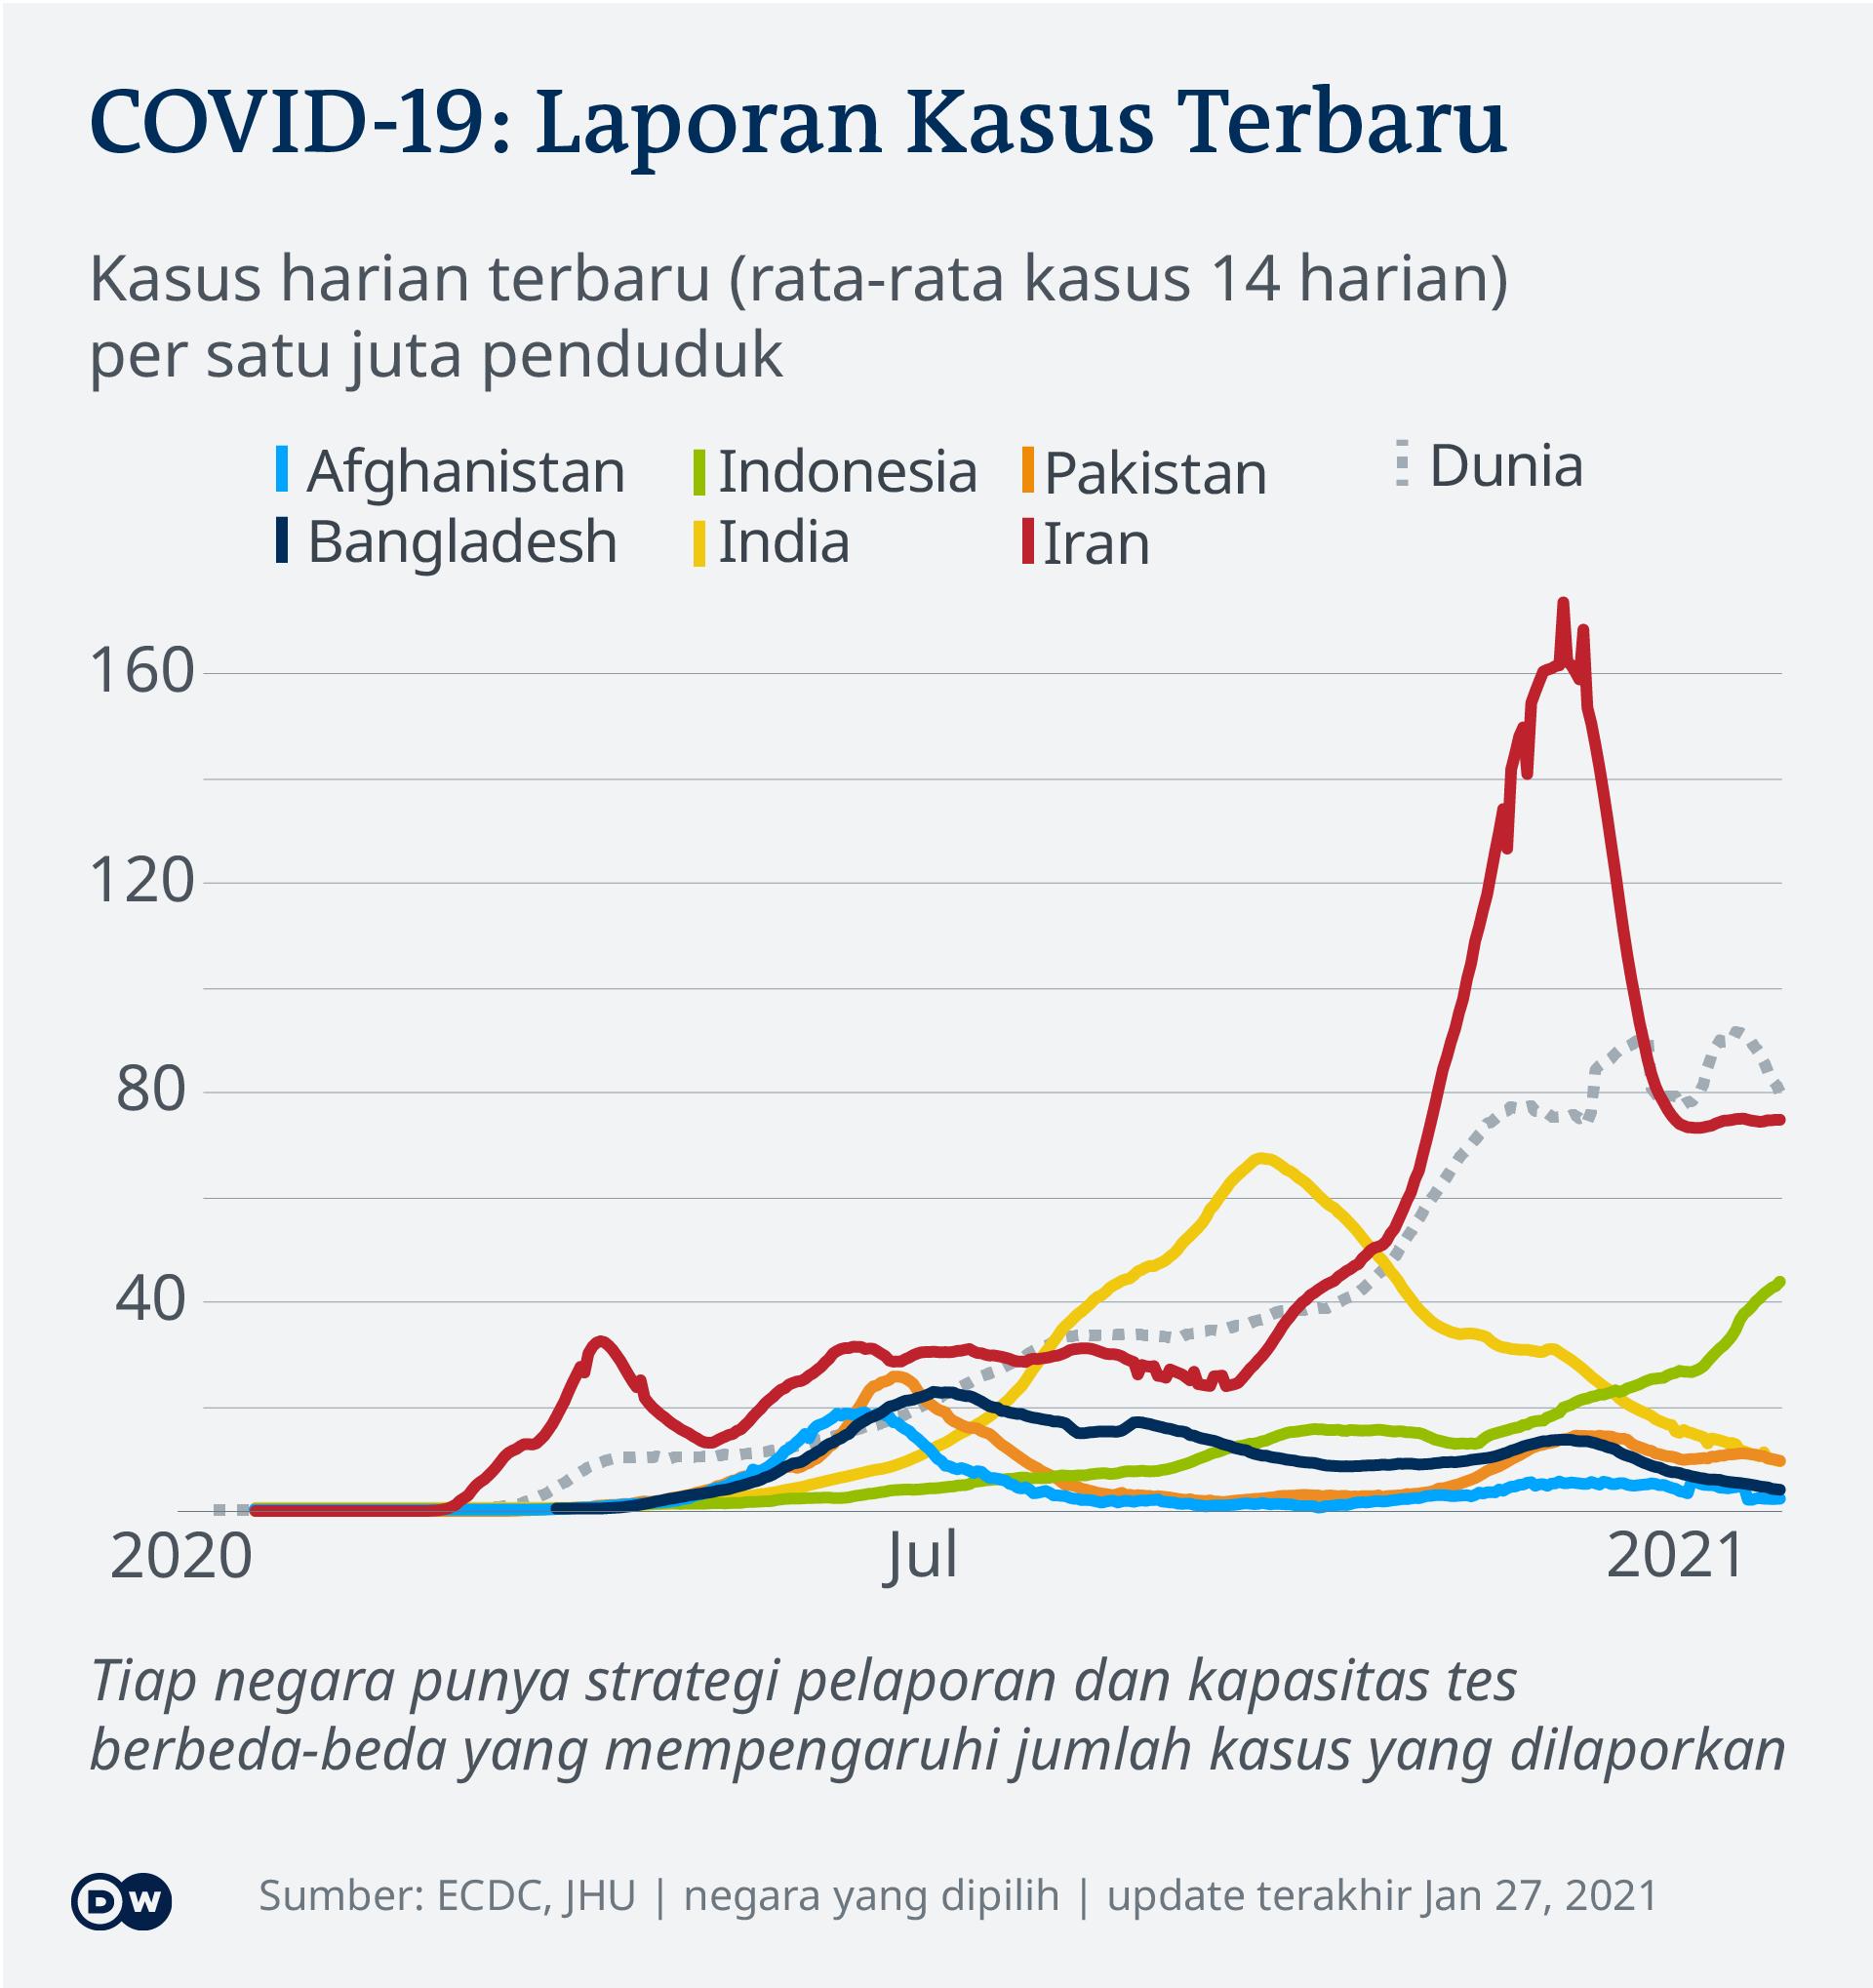 Perkembangan laju infeksi Covid-19 di beberapa negara sampai 27 Januari 2021